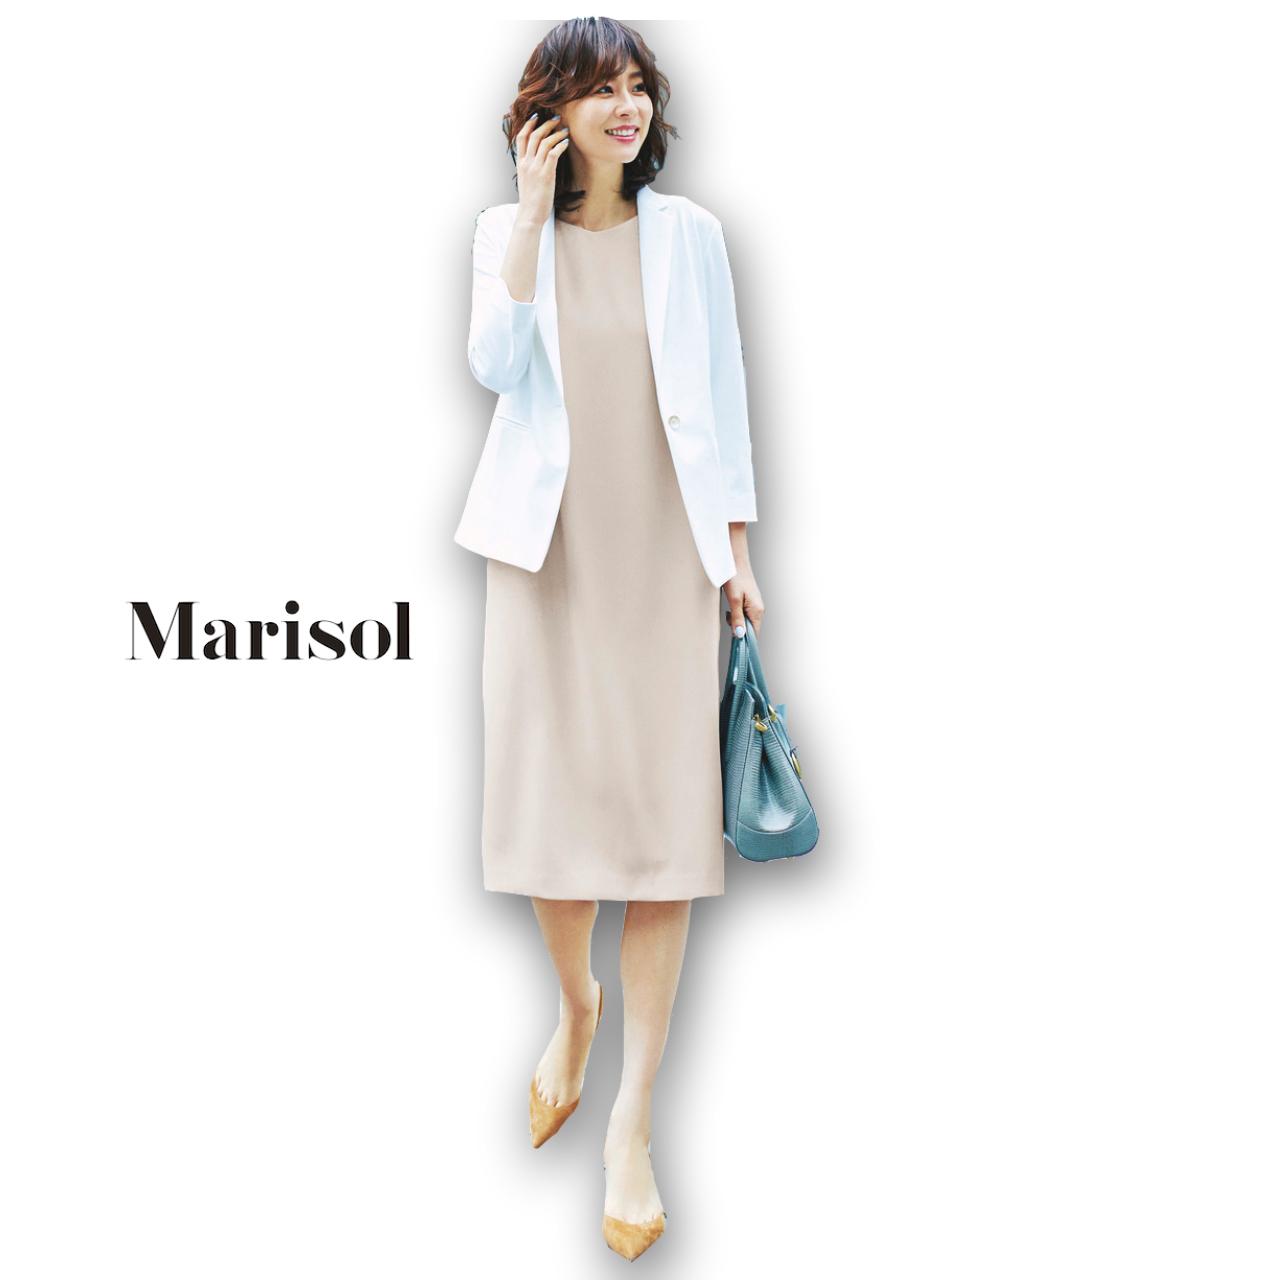 40代ファッション 白ジャケット×ベージュワンピースコーデ